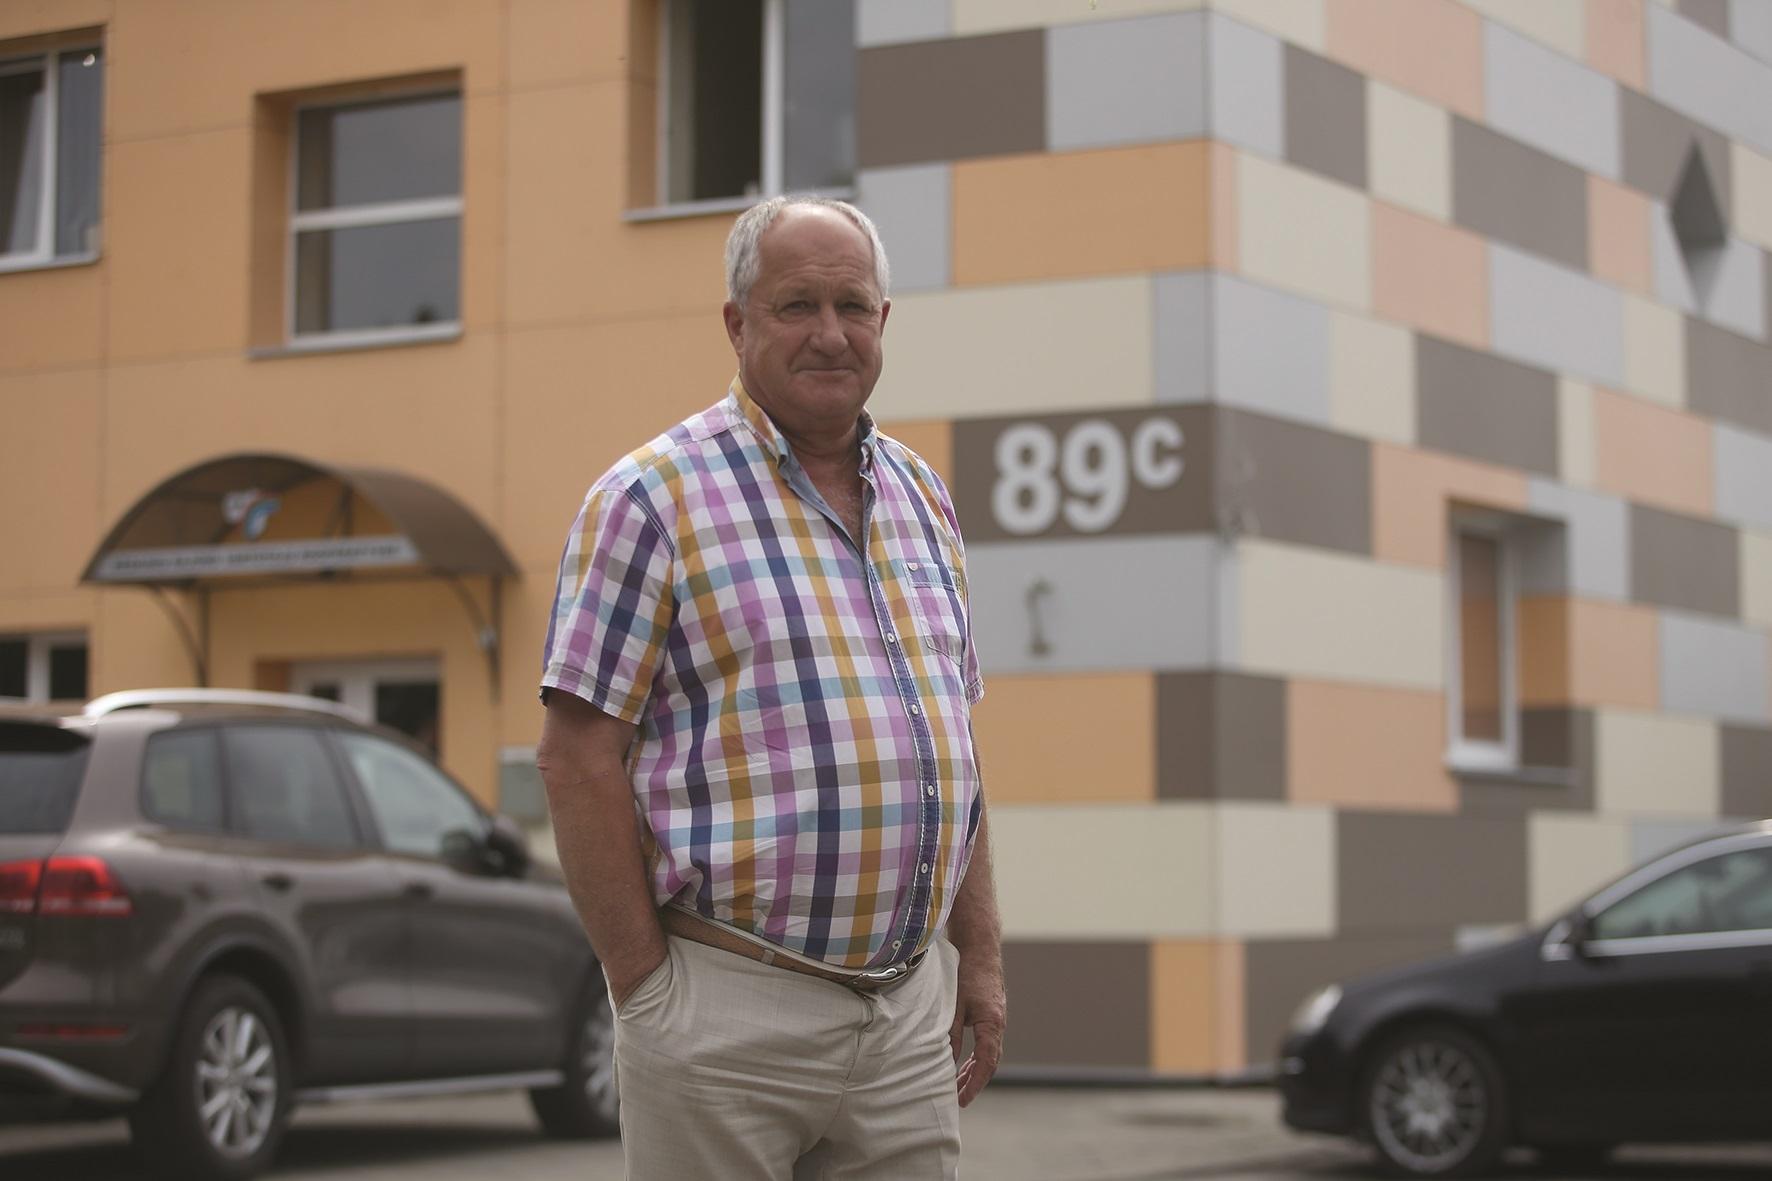 Rimvydas Rasčiauskas, Kėdainių rajono vartotojų kooperatyvo vadovas, džiaugiasi, jog nenaudojamose patalpose kuriasi naujos įmonės./ A. Barzdžiaus nuotr.